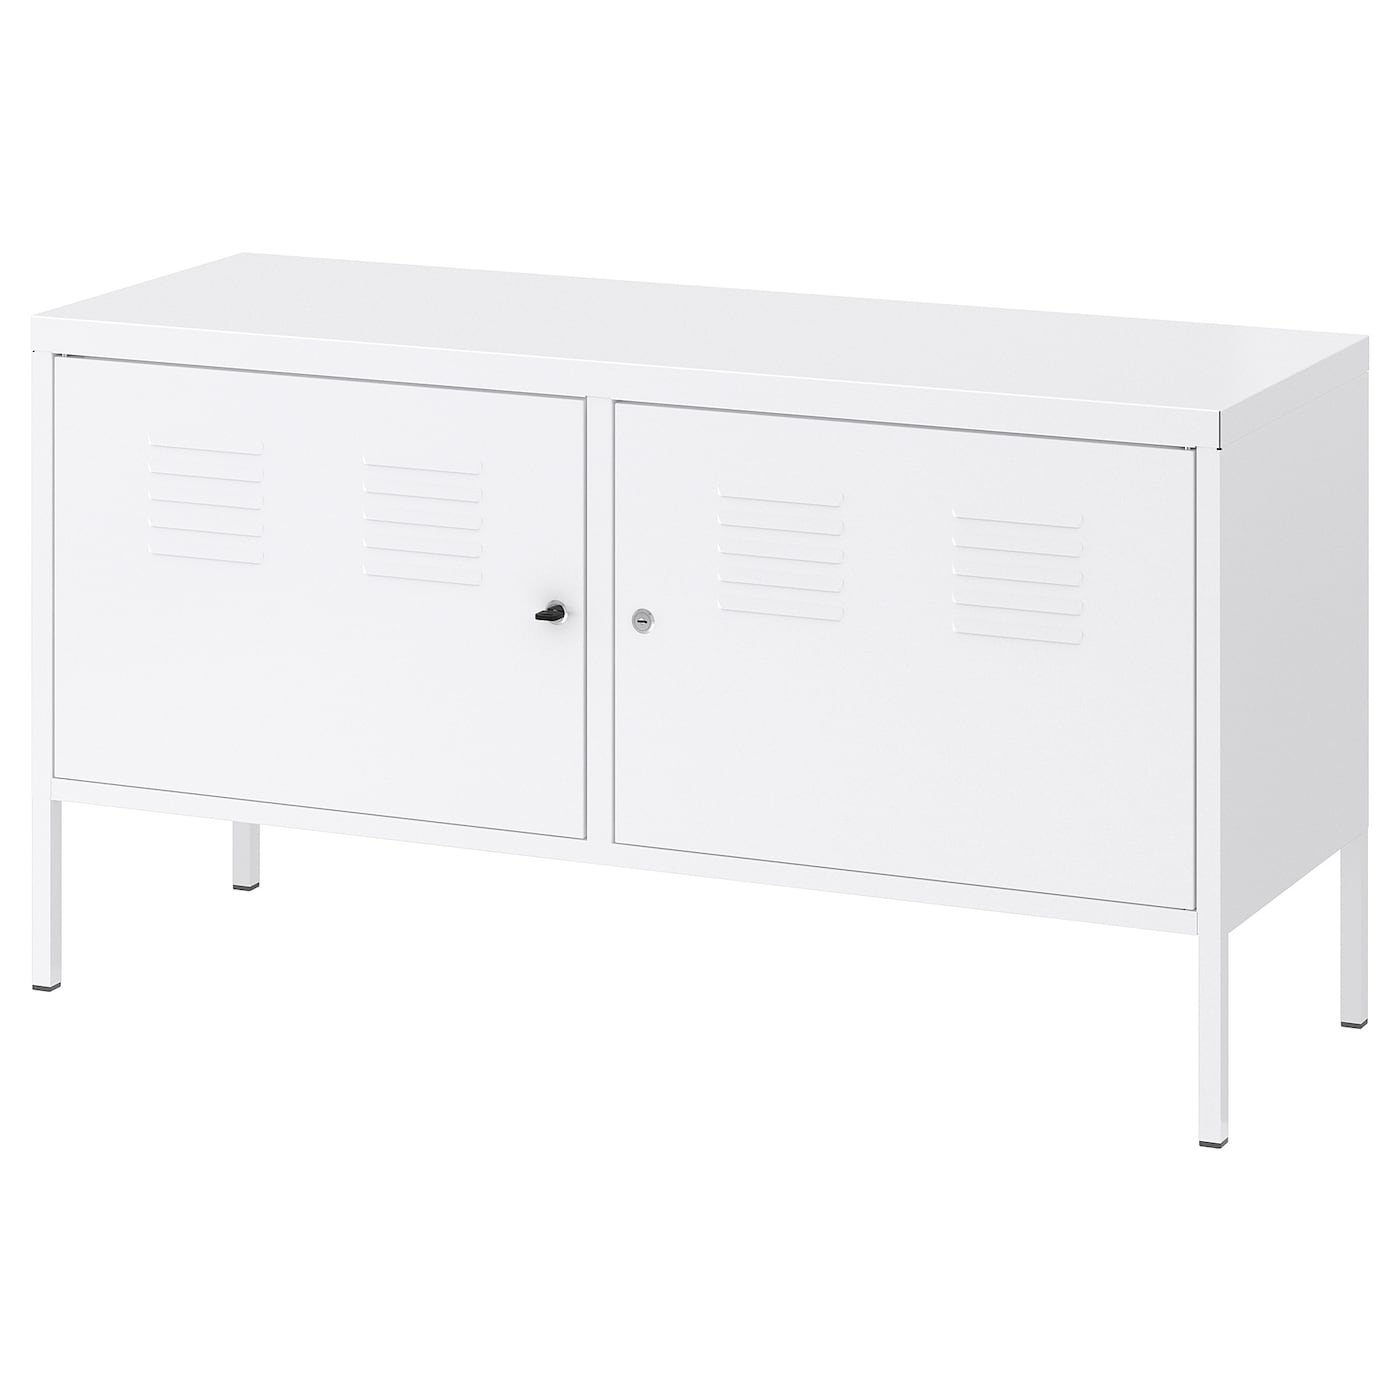 Meuble Sur Frigo Ikea ikea ps armoire métallique - blanc 119x63 cm